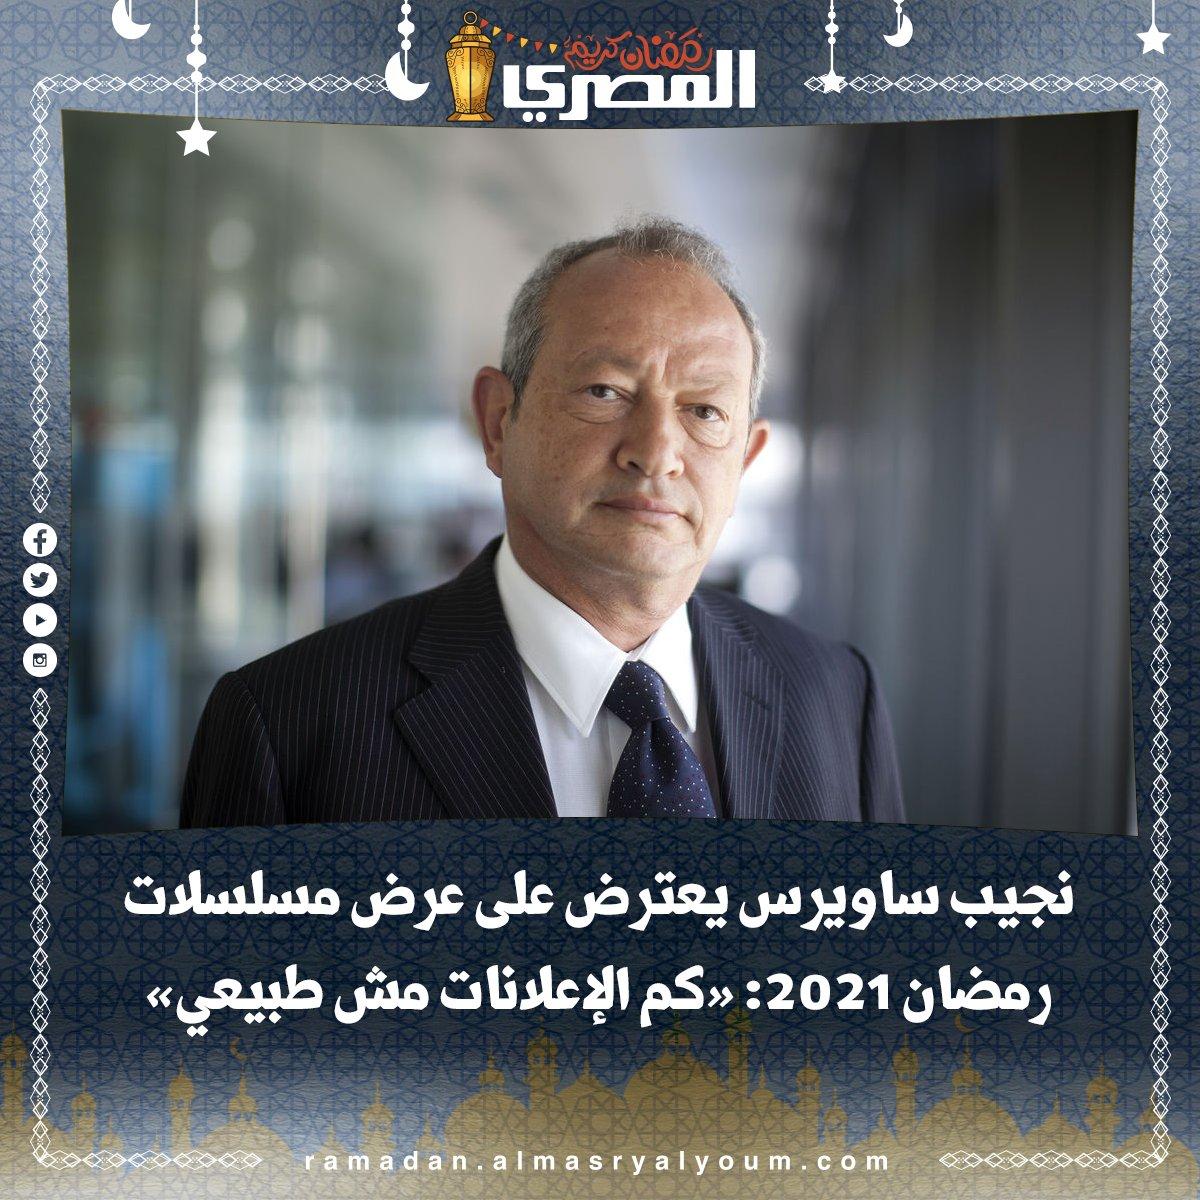 نجيب ساويرس يعترض على عرض مسلسلات رمضان 2021 «كم الإعلانات مش طبيعي»